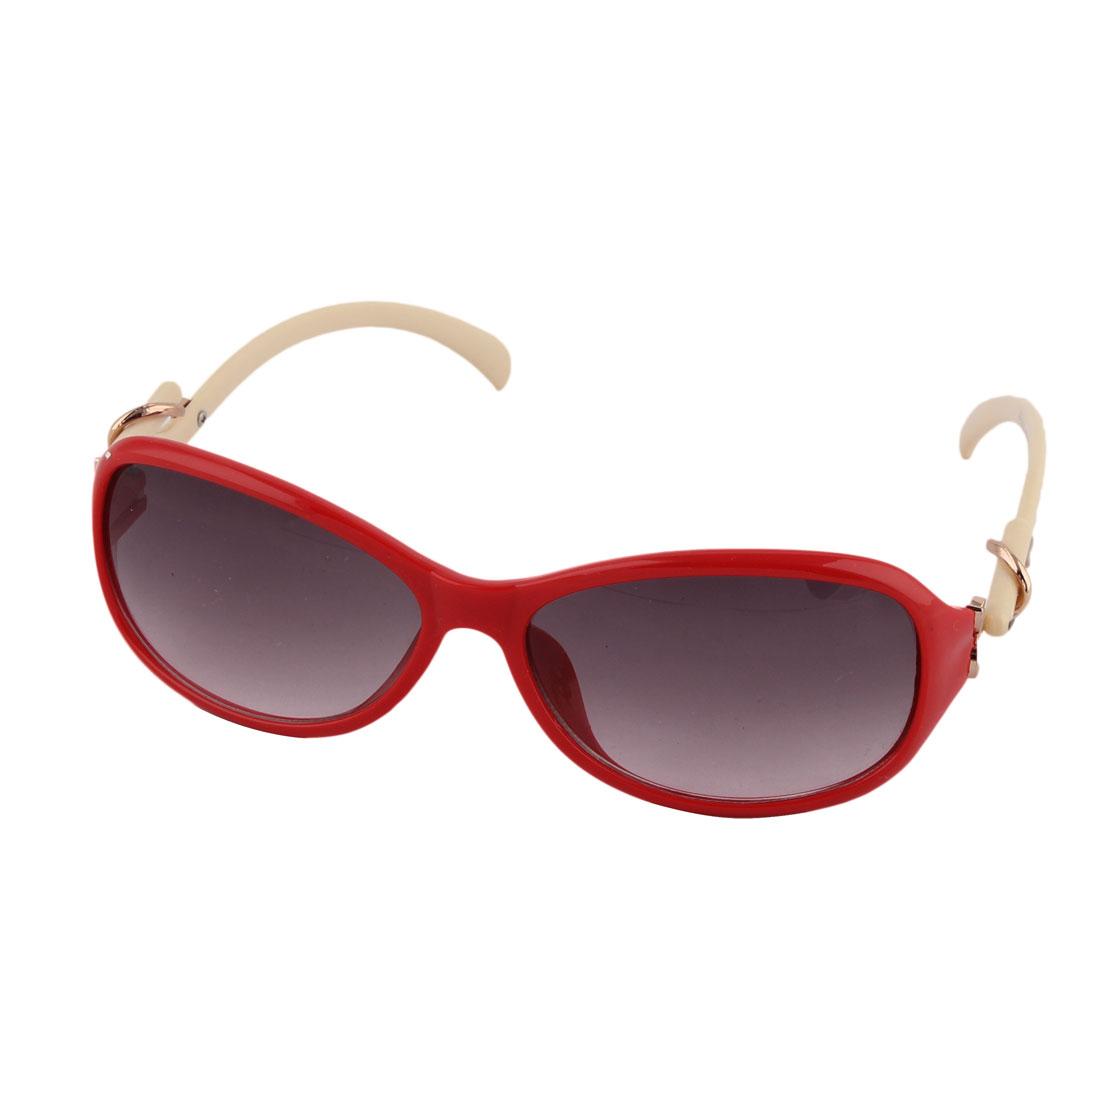 Plastic Full Flame Rim Sun Shield UV Protection Lens Sunglass Red for Women